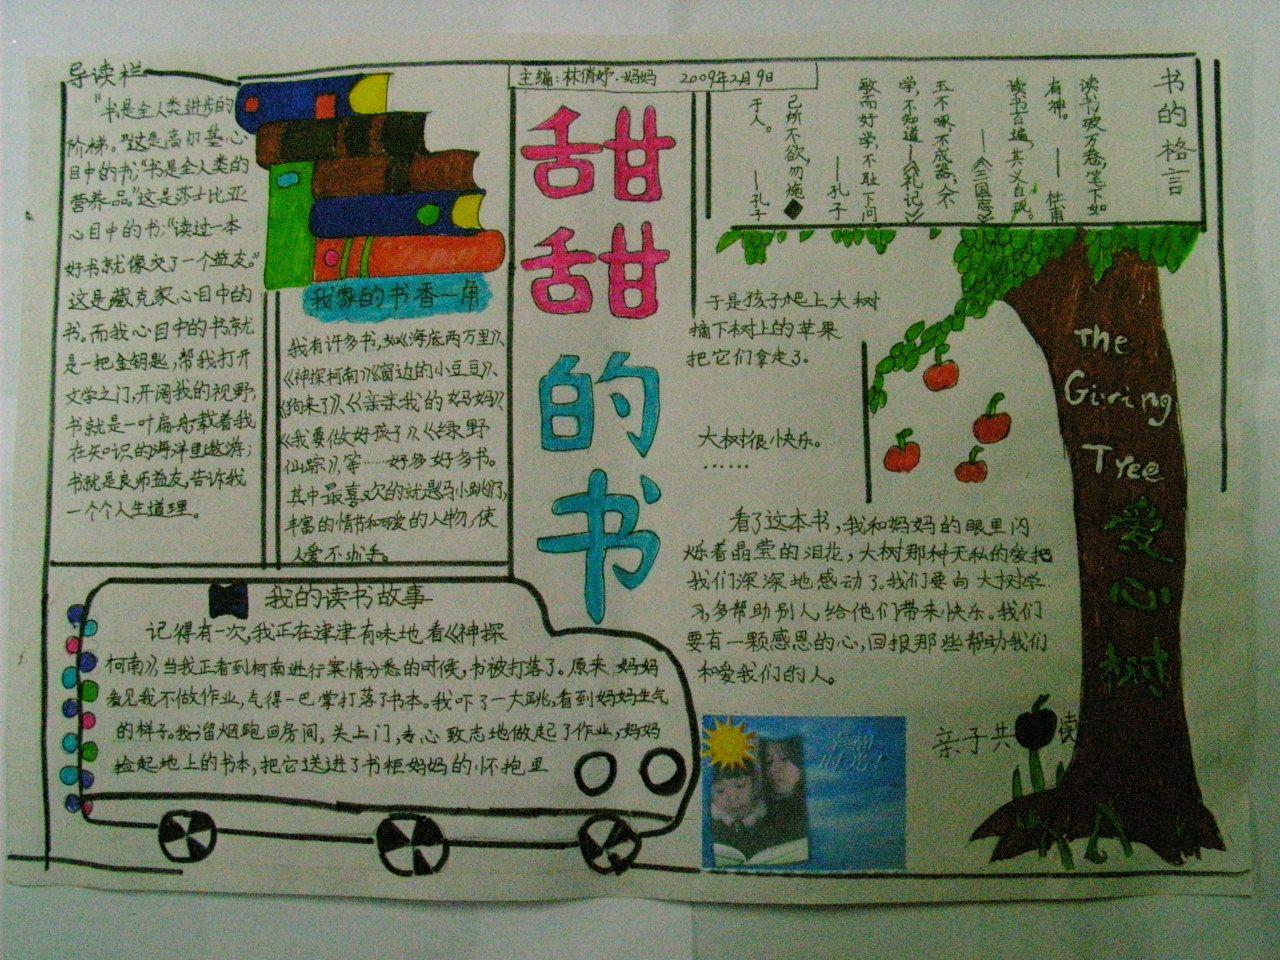 我们学校让办一期关于安全和亲子共读的手抄报,请各位图片